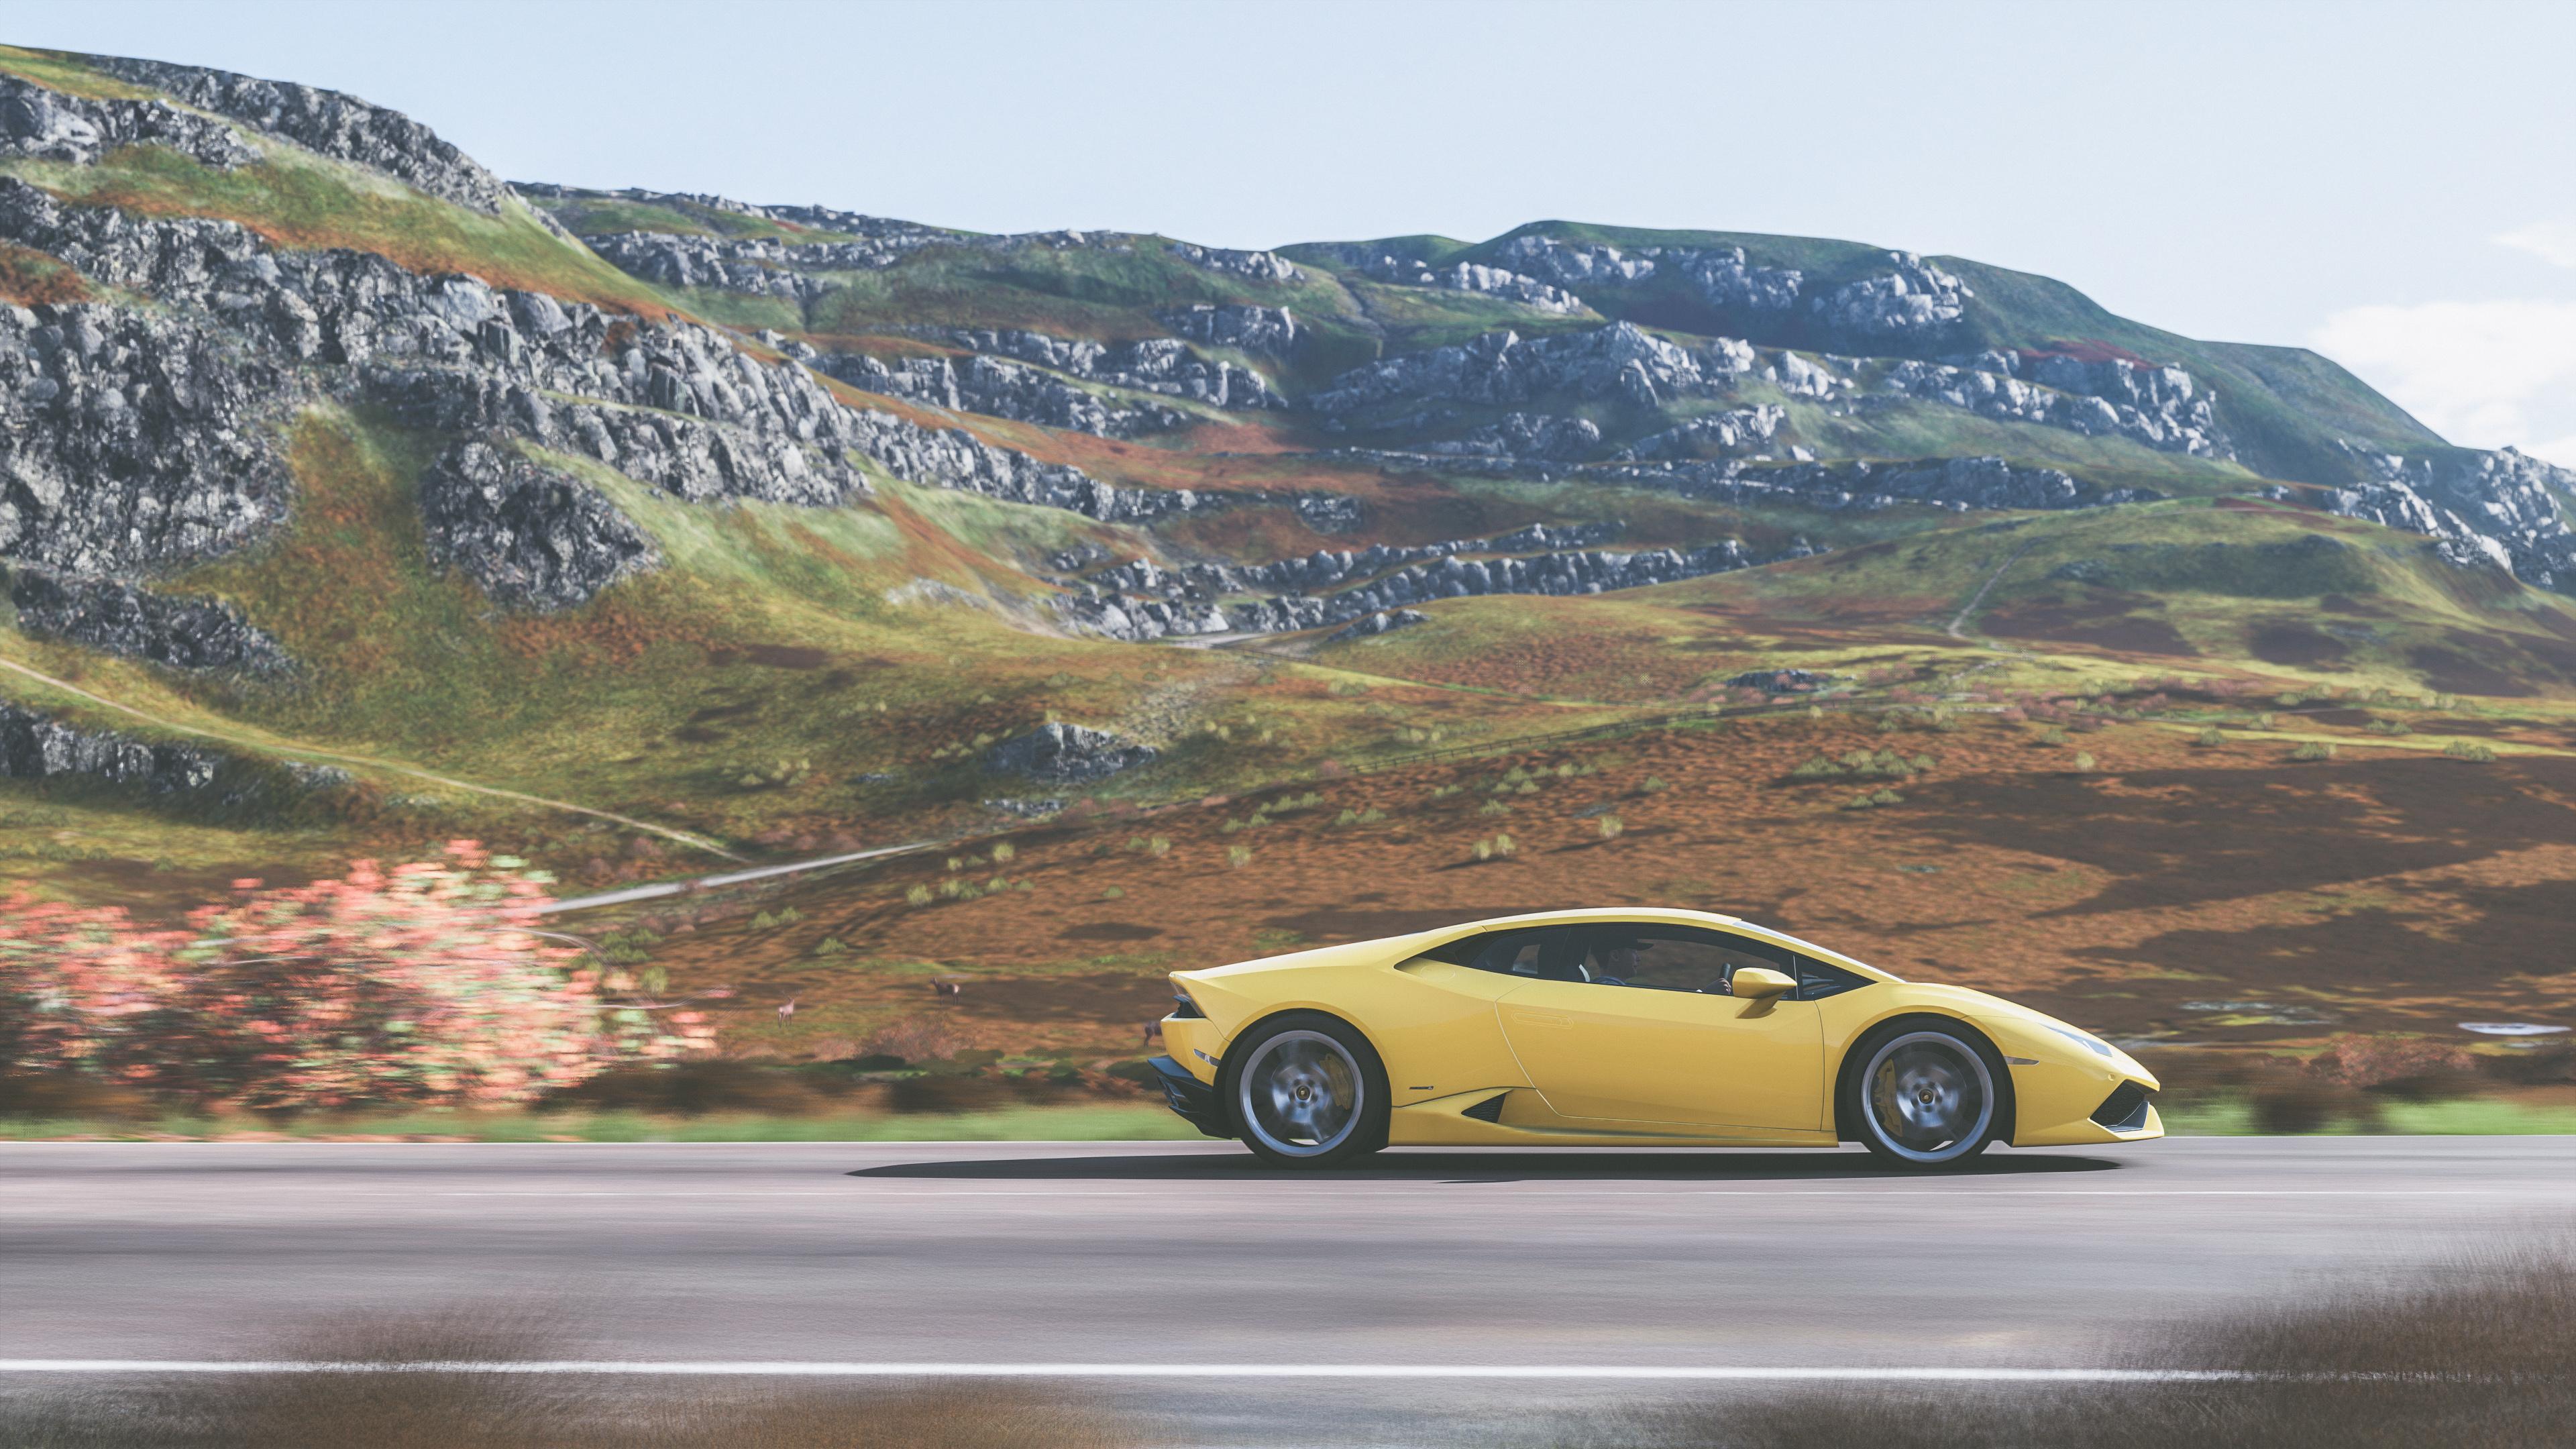 Forza Horizon 4 Wallpaper: 4k Forza Horizon 4 Lamborghini Huracan, HD Games, 4k